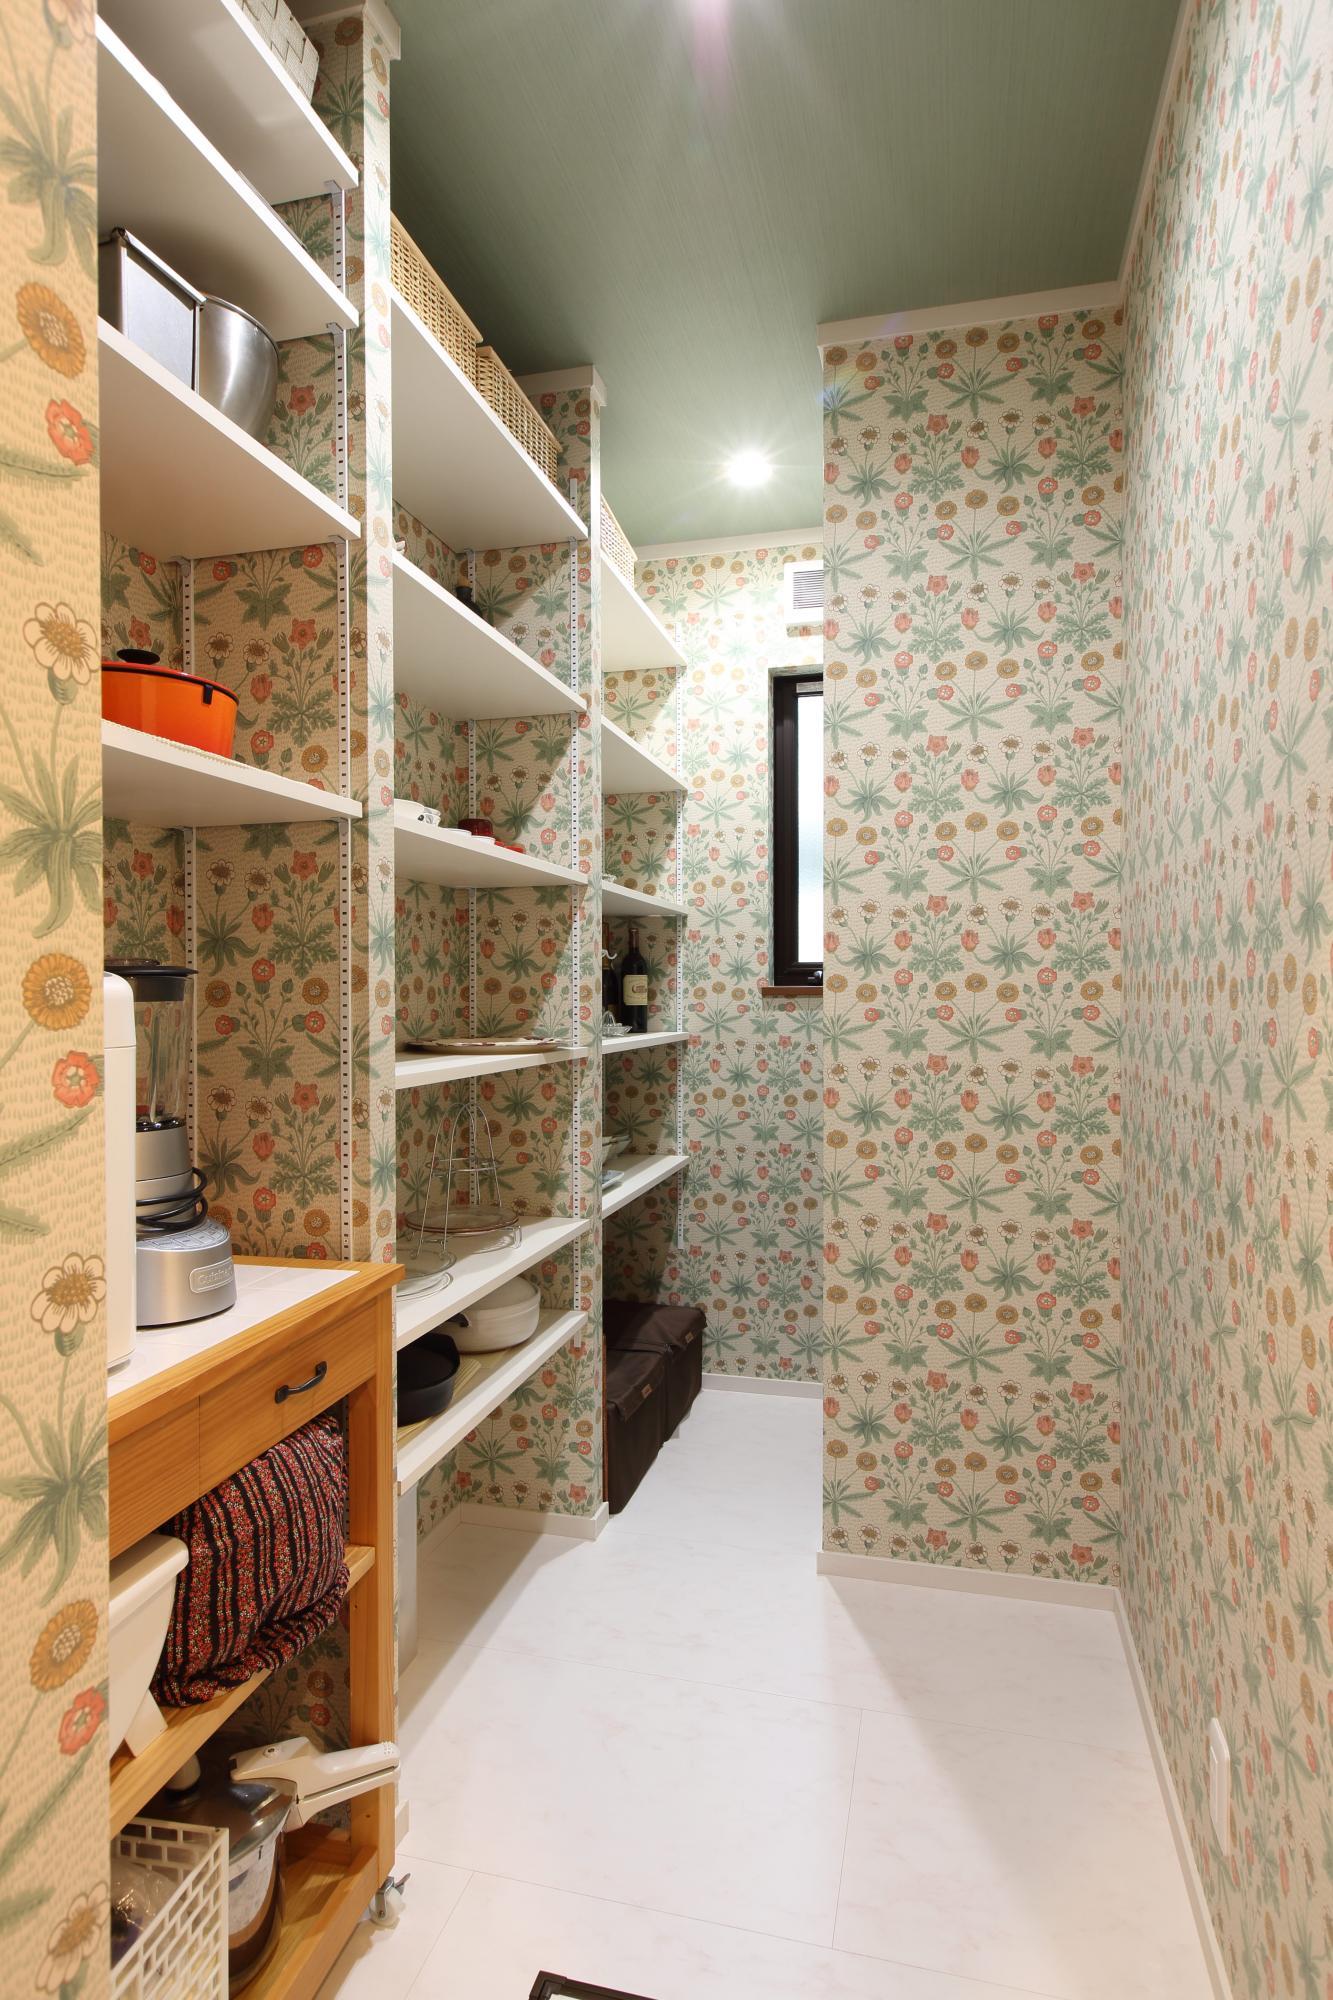 収納スペースを十分確保した食品庫の壁面には、奥様のご要望で有名デザイナーのクロスを張り、明るい雰囲気に演出。